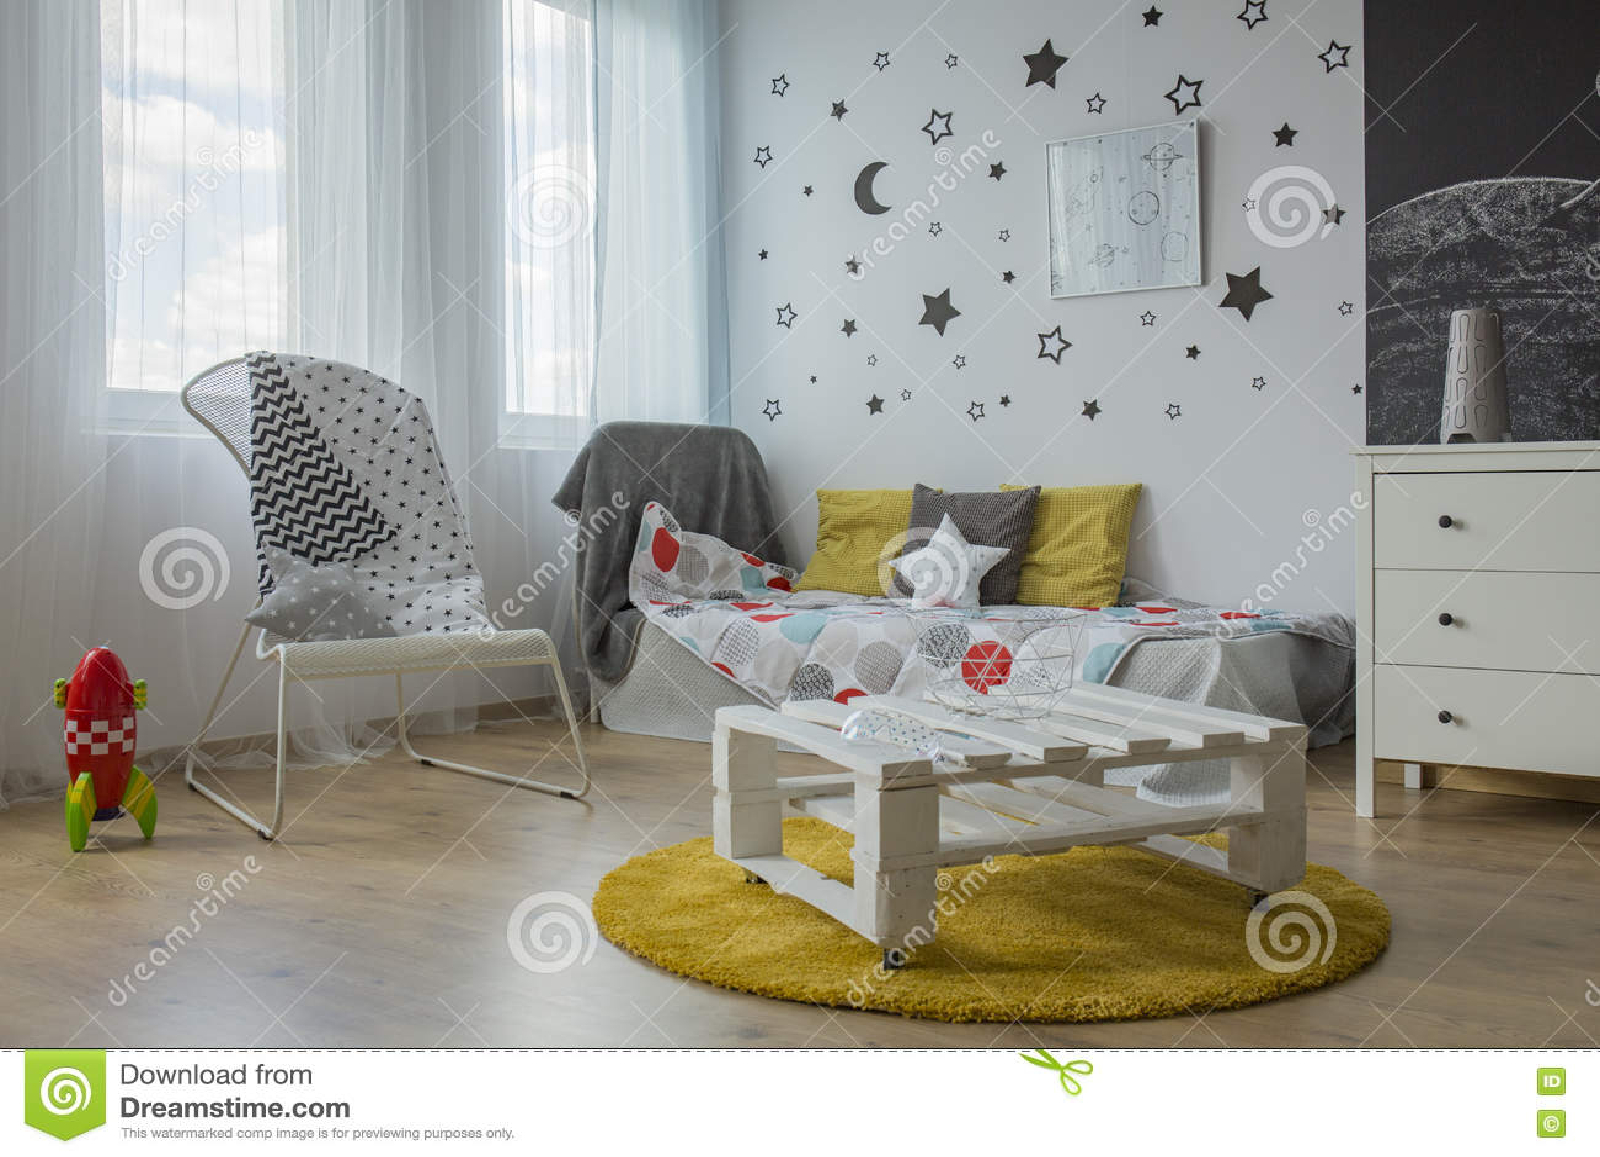 Camera da letto bianca grigia e gialla fotografia stock - Camera da letto grigia ...